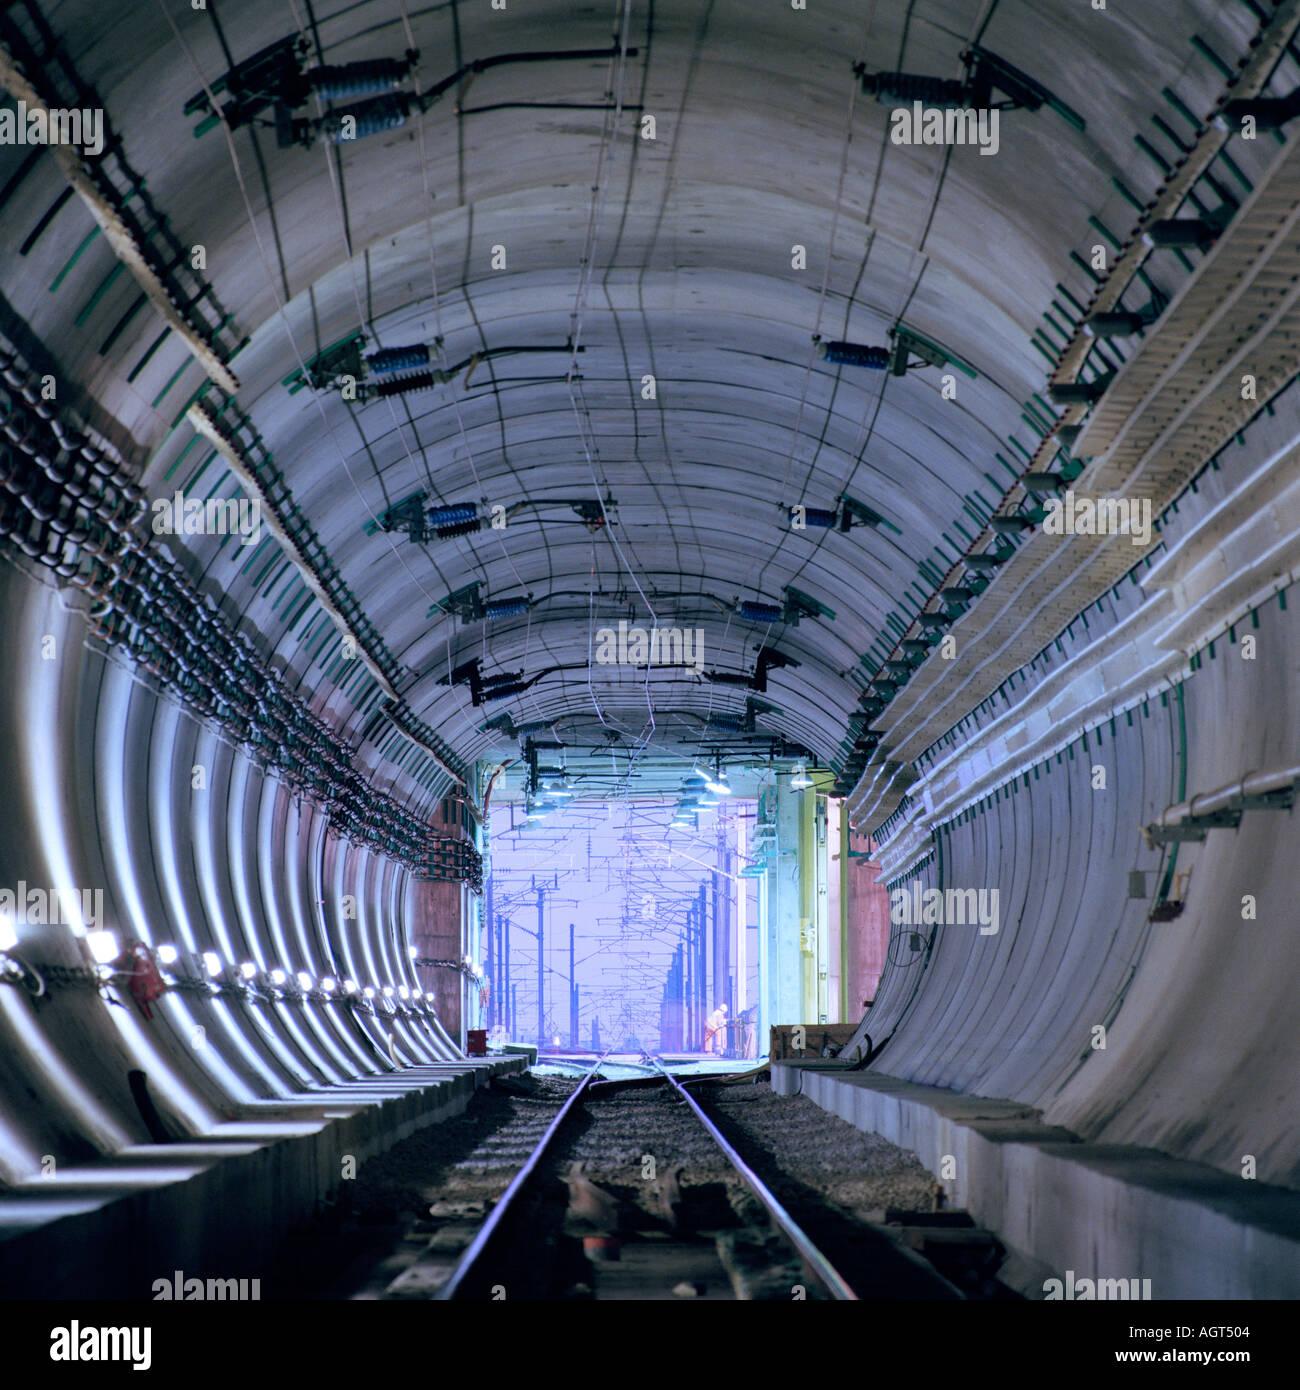 Eurotunnel zug des fahrers vogelperspektive des ansatzes f r den eurotunnel uk terminal in - Vogelperspektive englisch ...